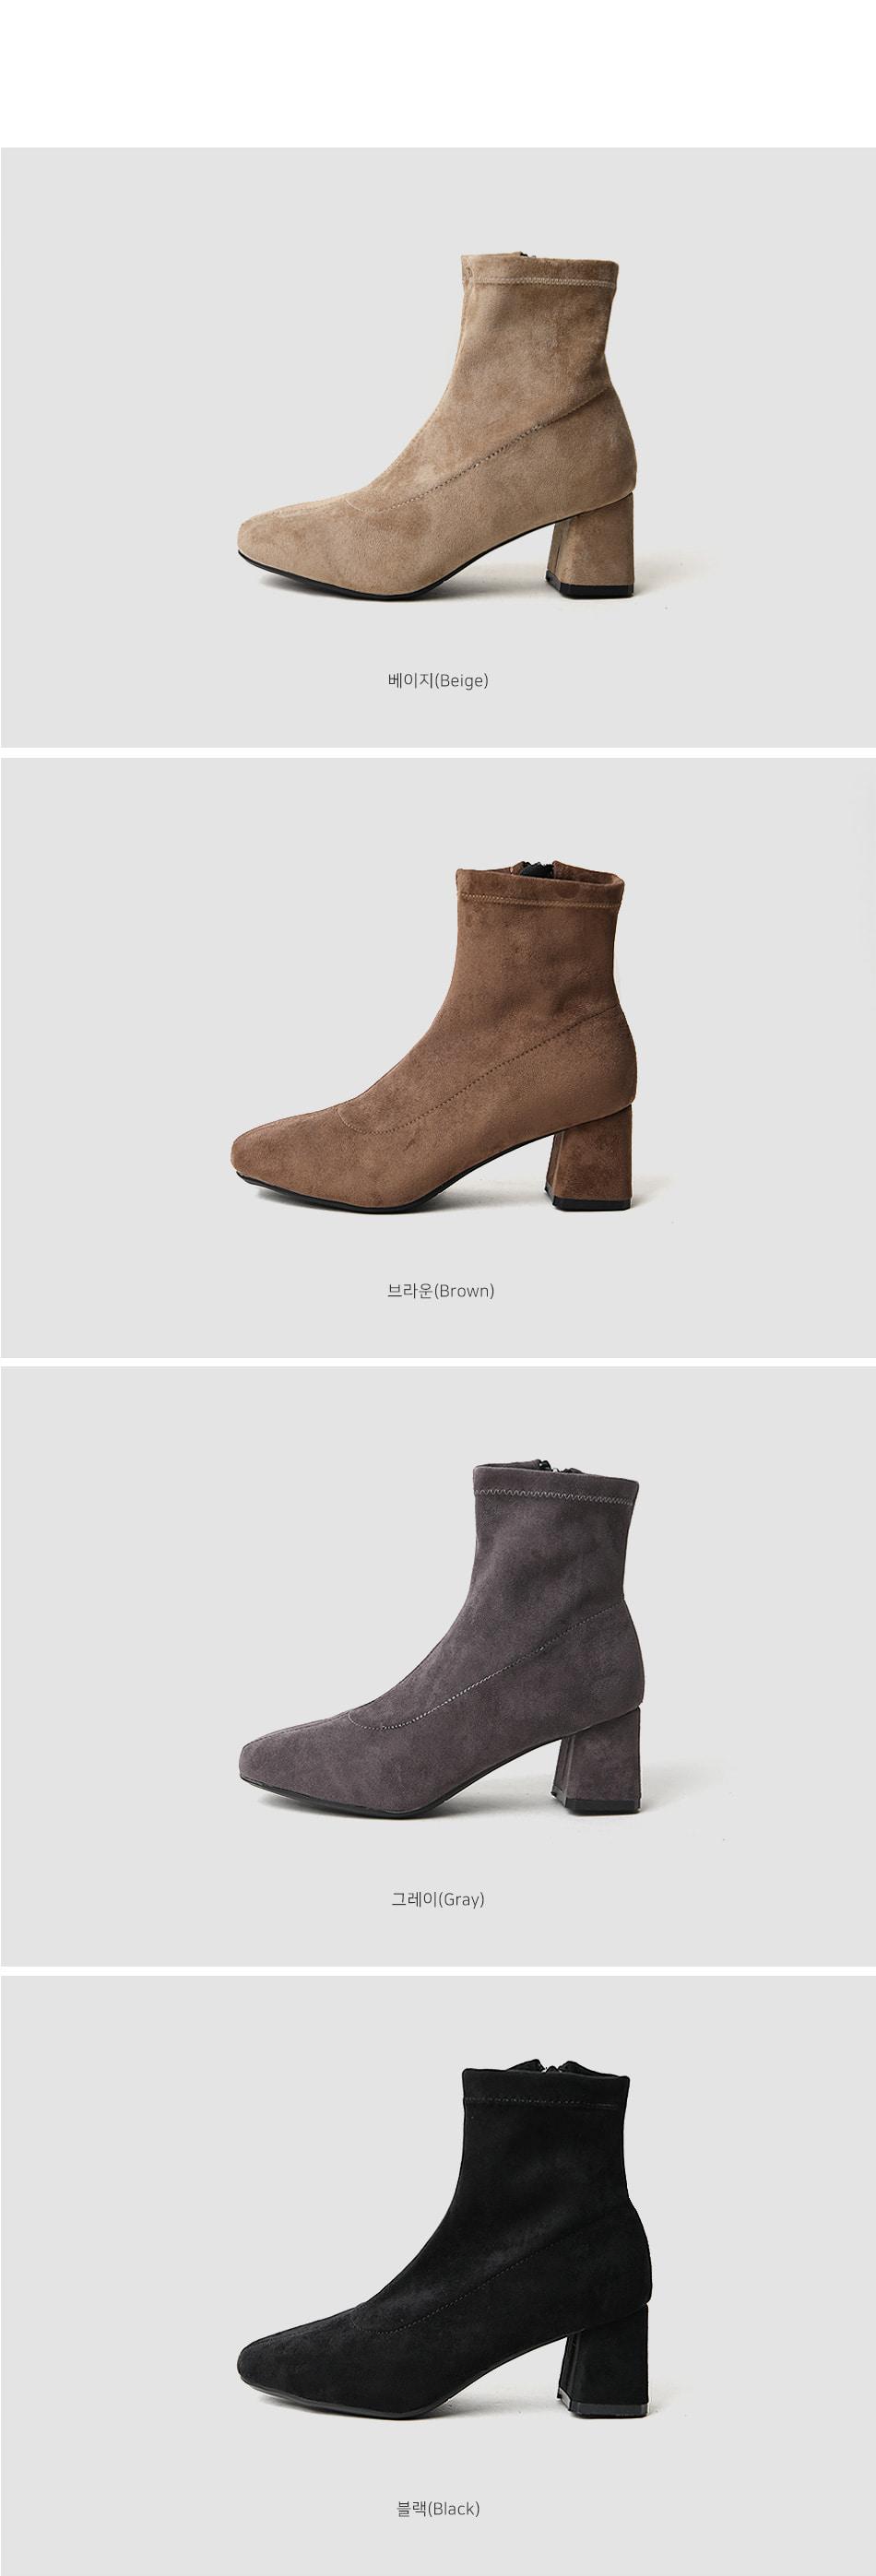 Evans Sox Ankle Boots 6cm